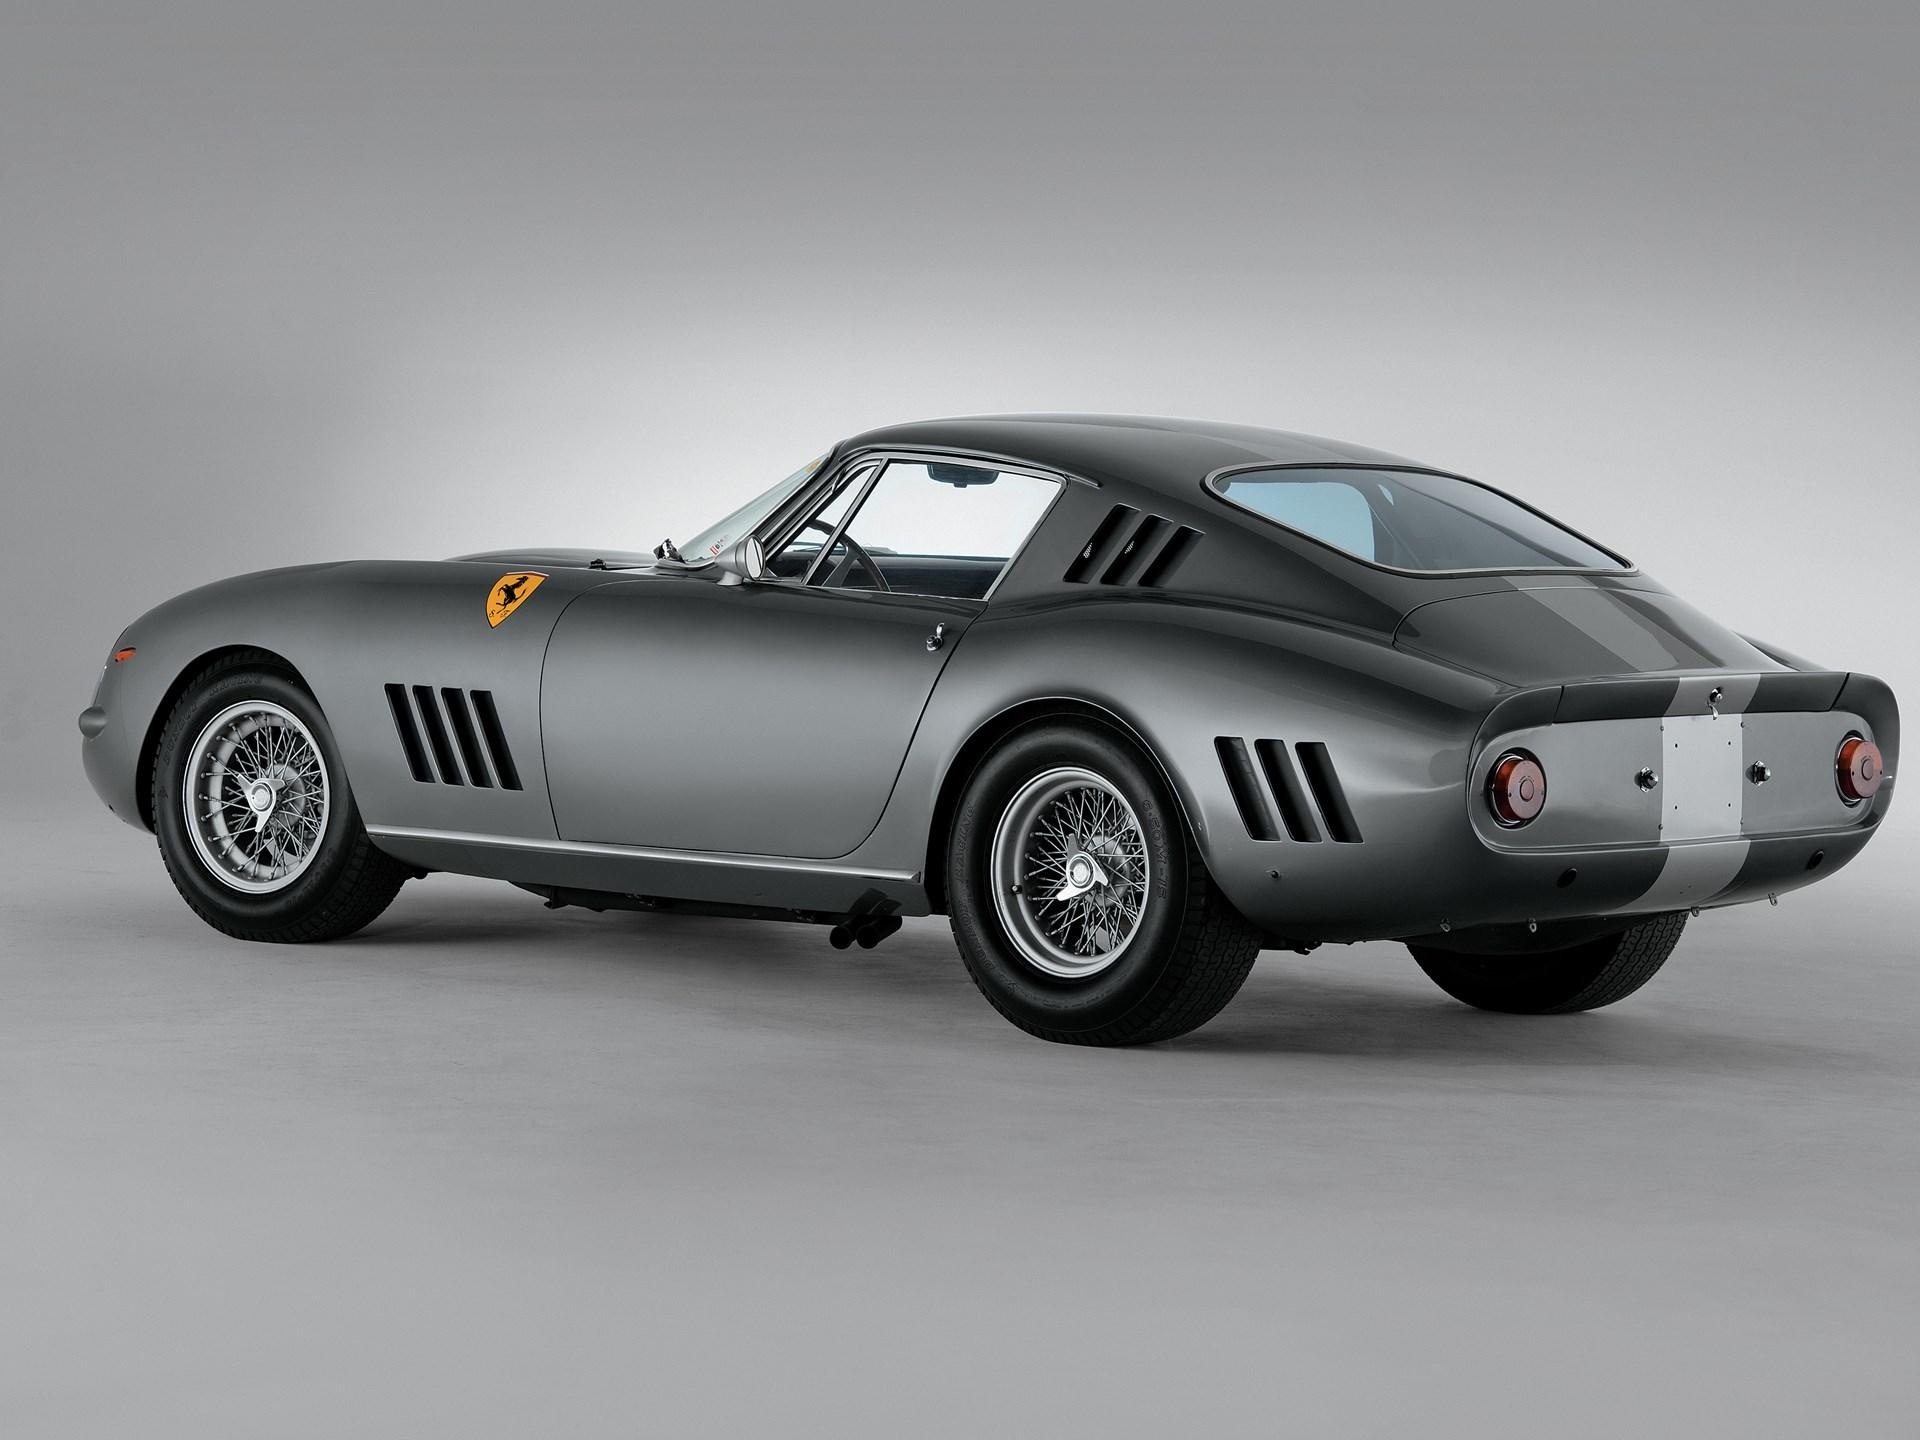 1964 Ferrari 275 GTB/C Speciale by Scaglietti